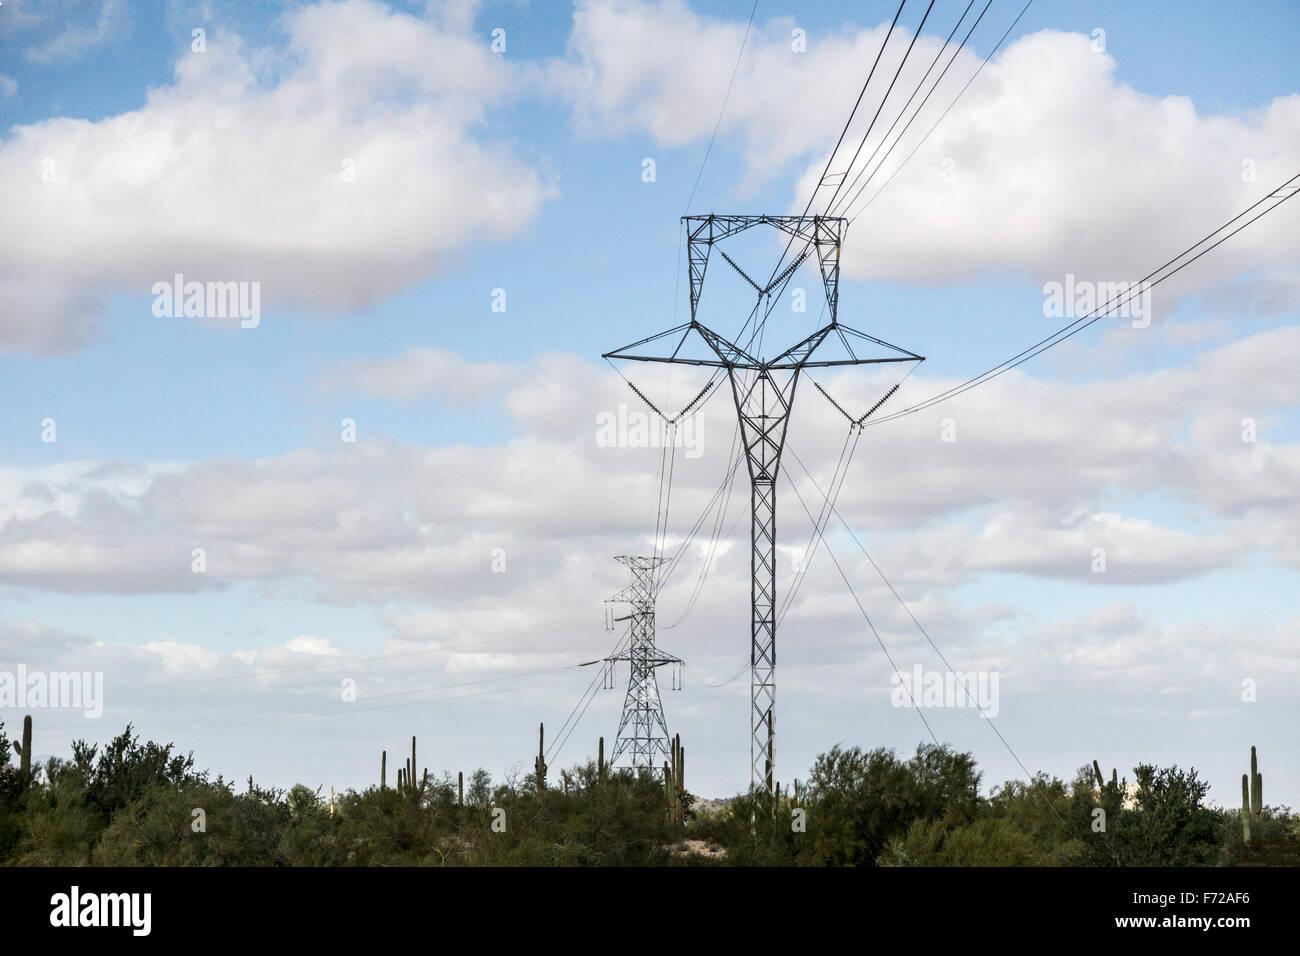 Filigrana elegante silueta de torres de alta tensión transporte líneas eléctricas a través del Imagen De Stock